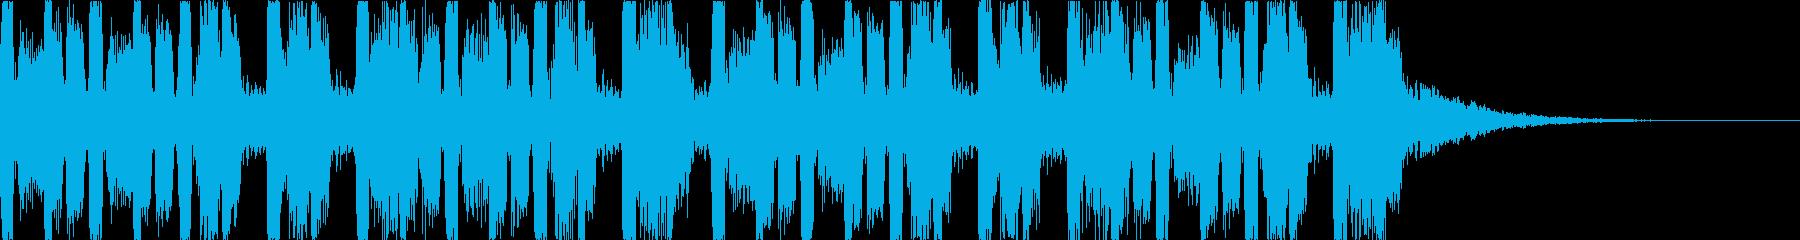 キャッチーでダークなEDM3の再生済みの波形